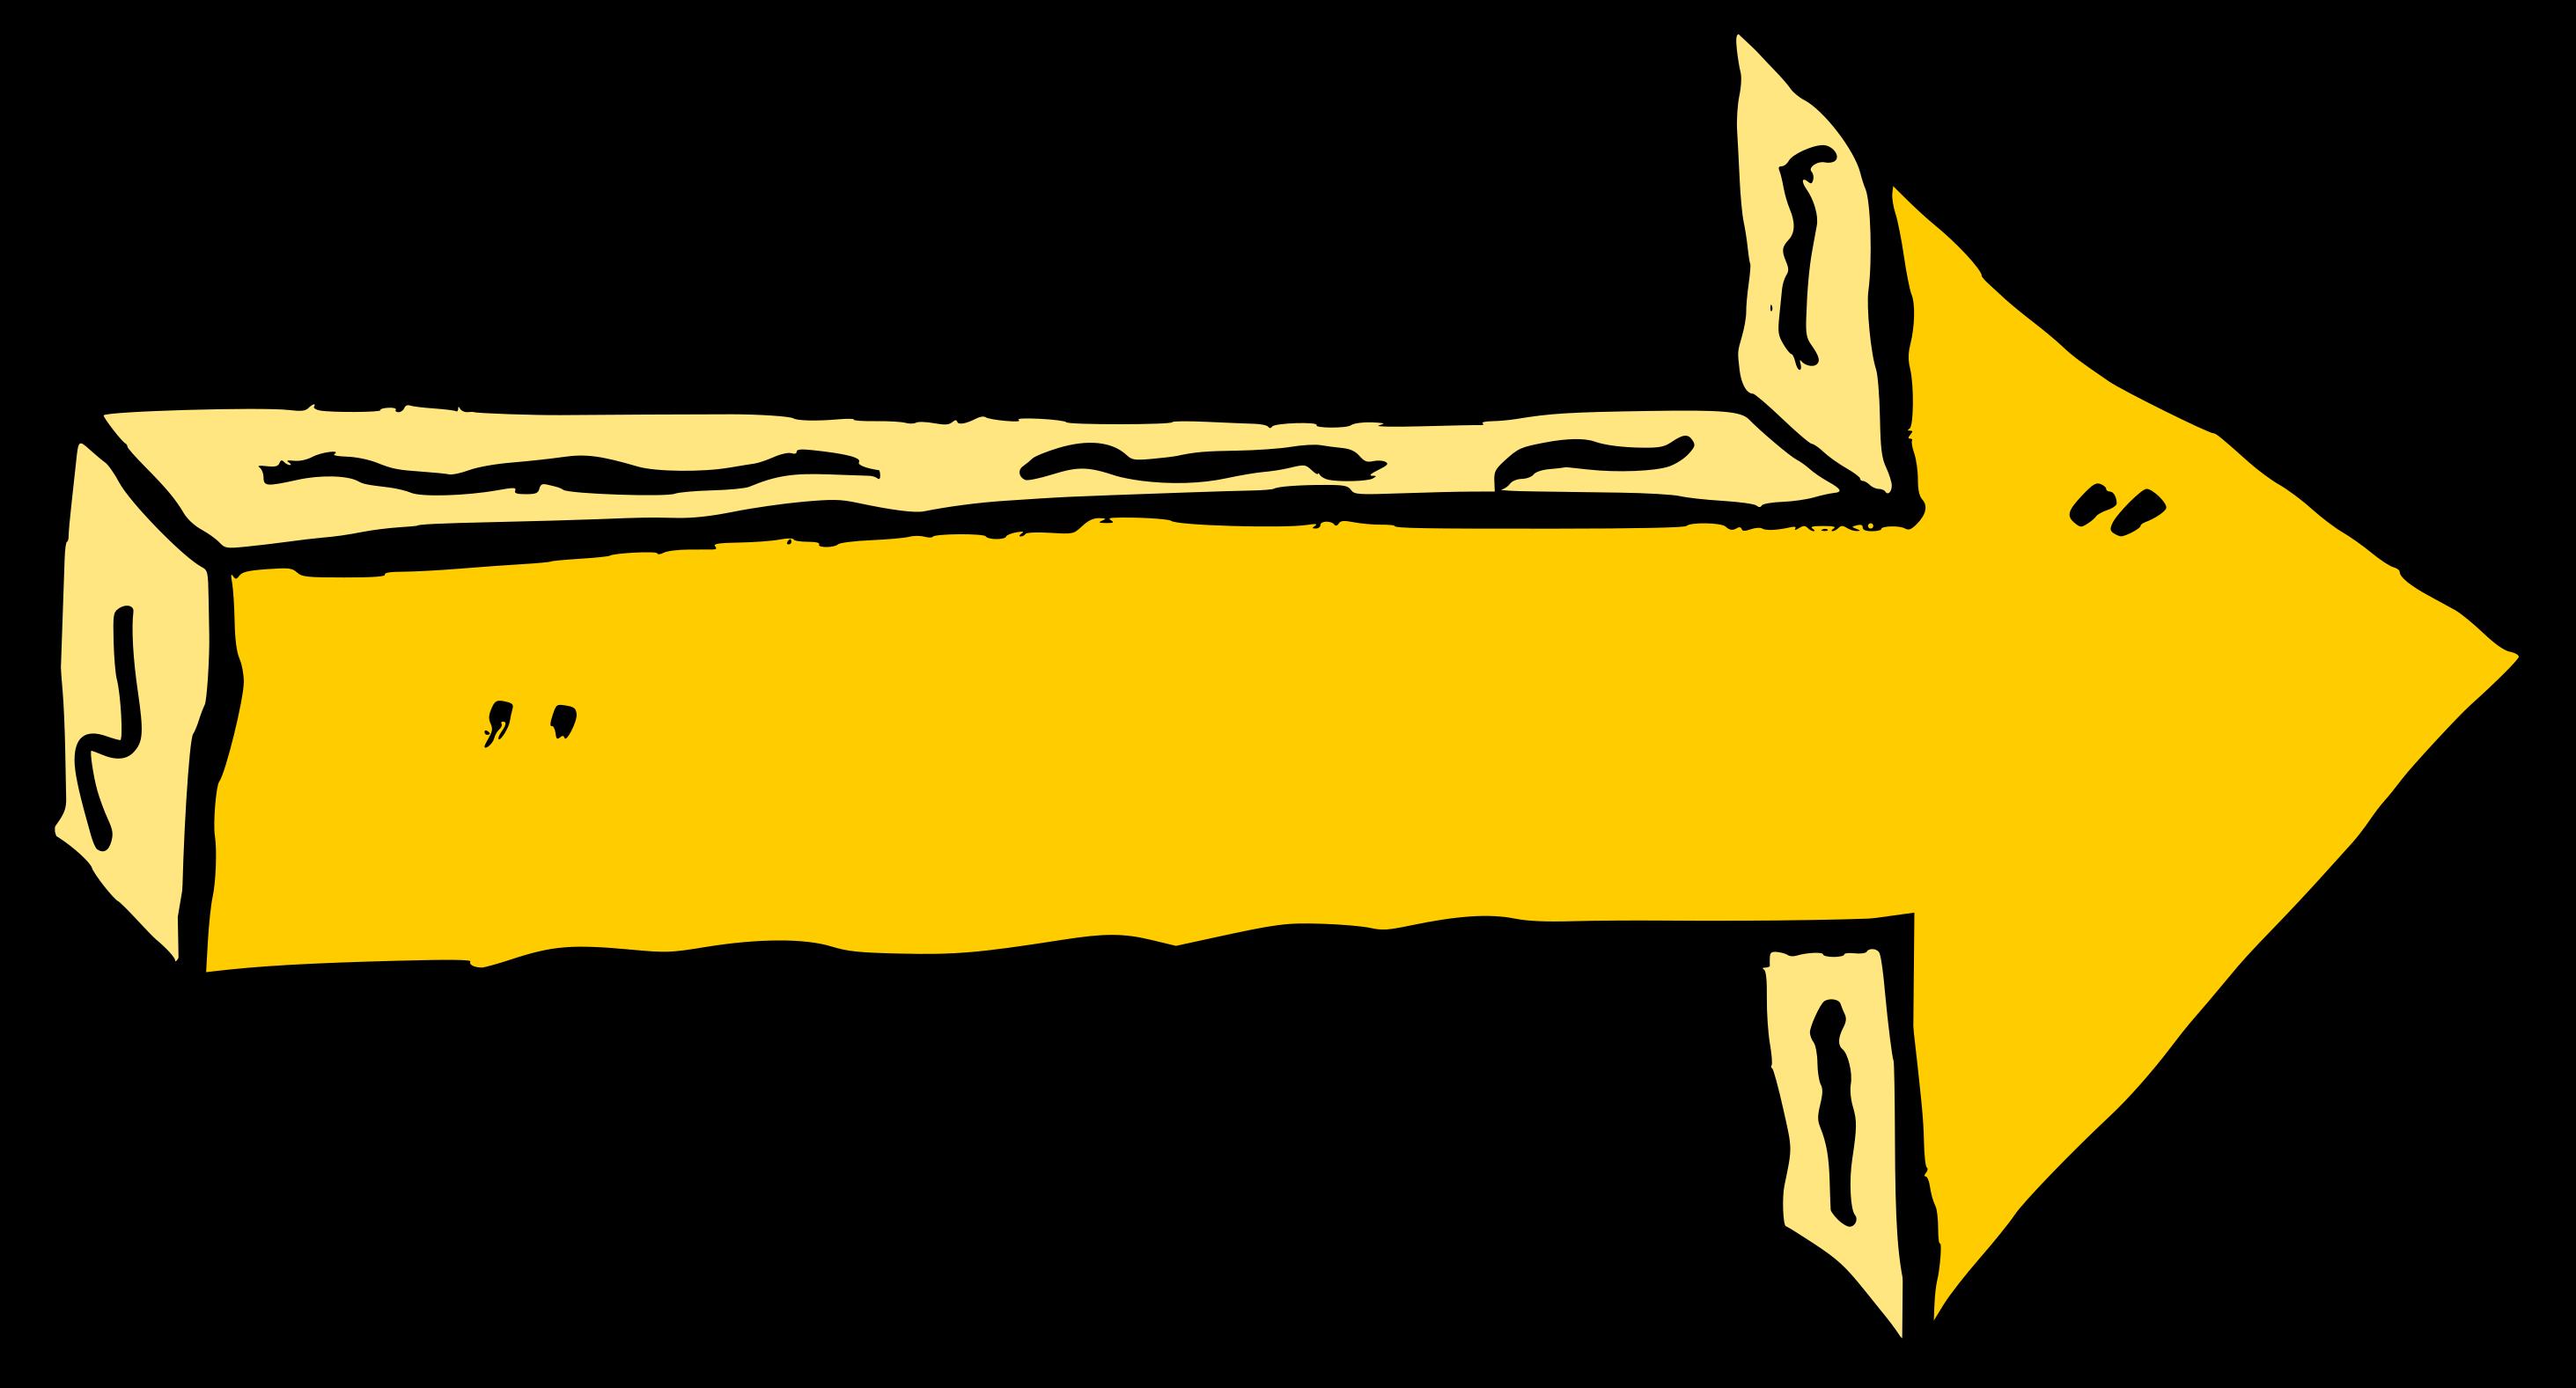 7 Comic Arrow (PNG Transparent).